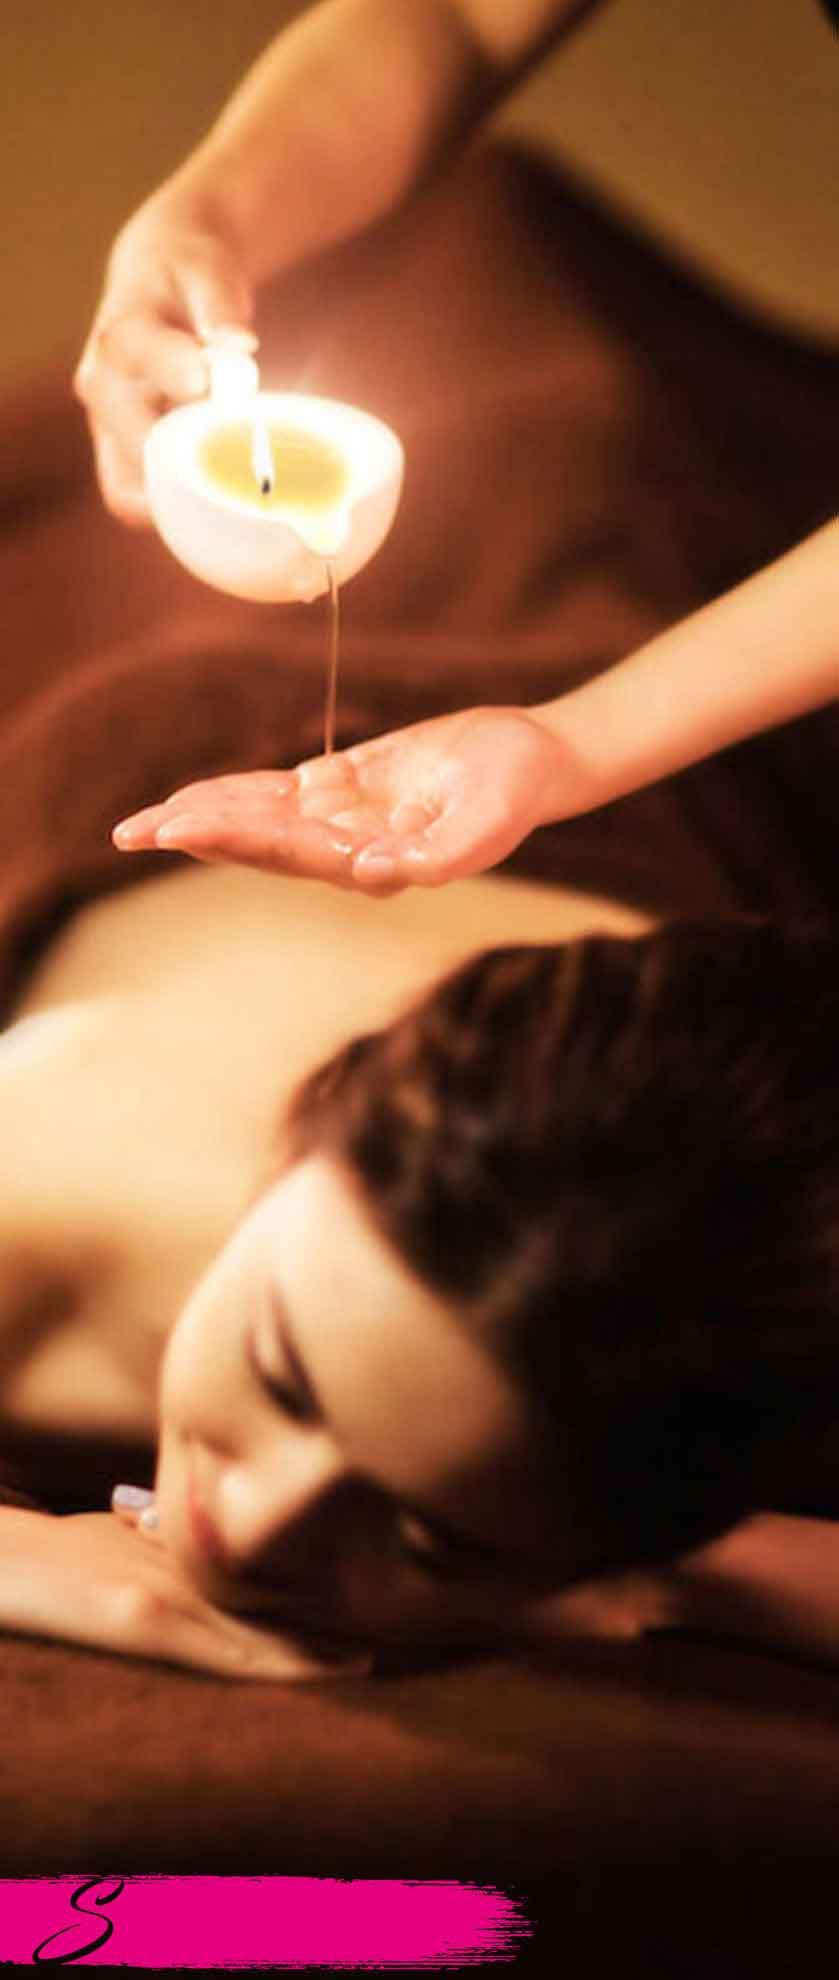 estetista-ciampino-massaggio-con-candela-sensazioni